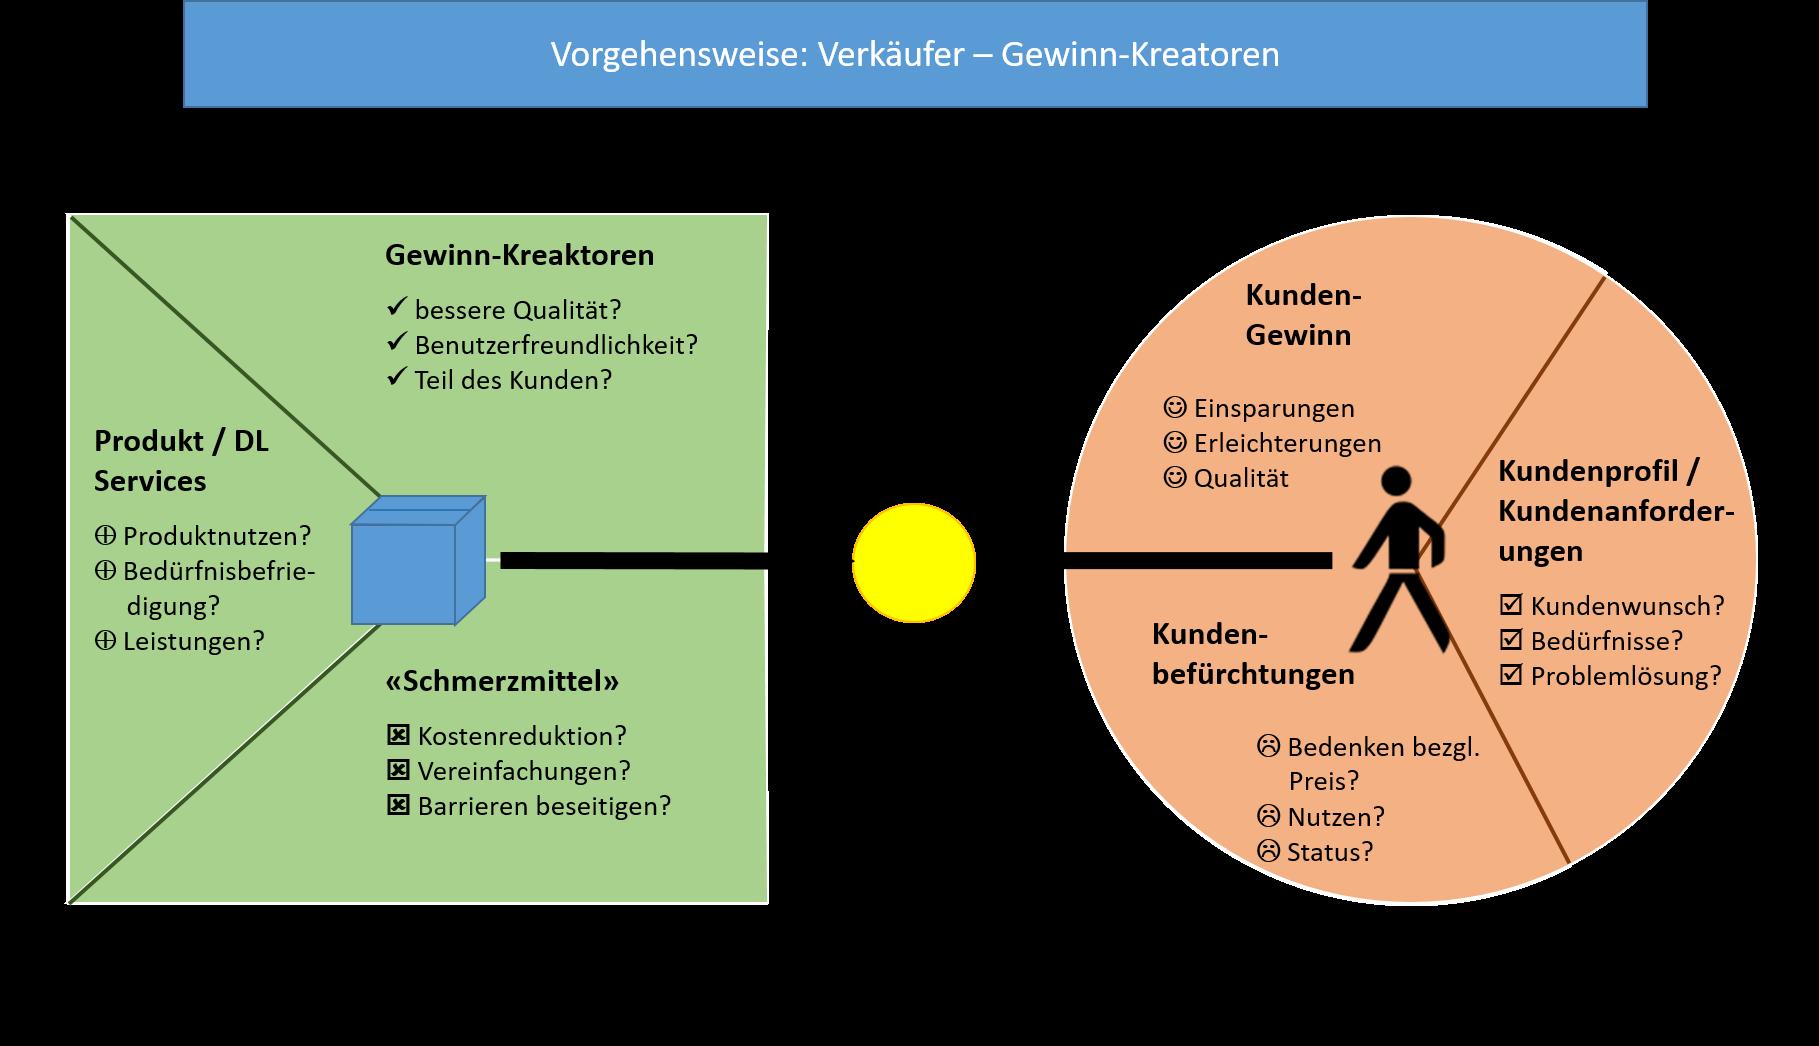 Value Innovation › adigiconsult GmbH